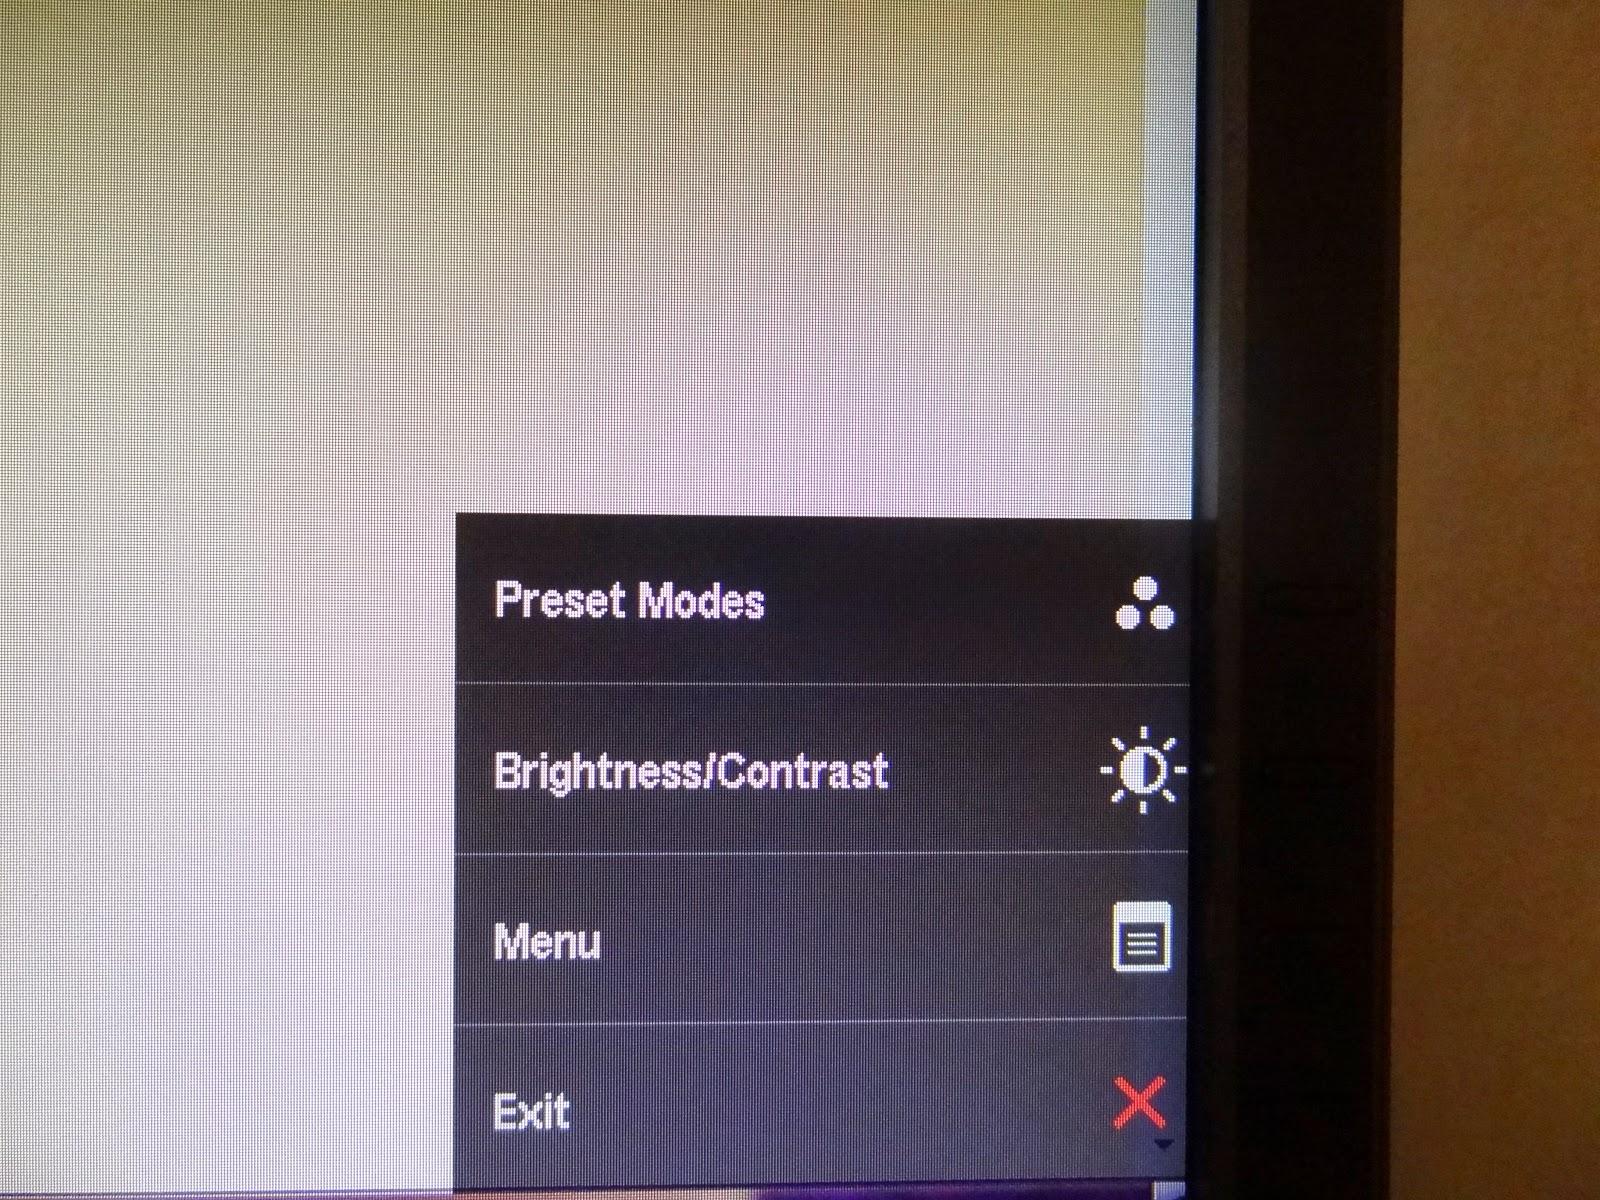 E2314H settings